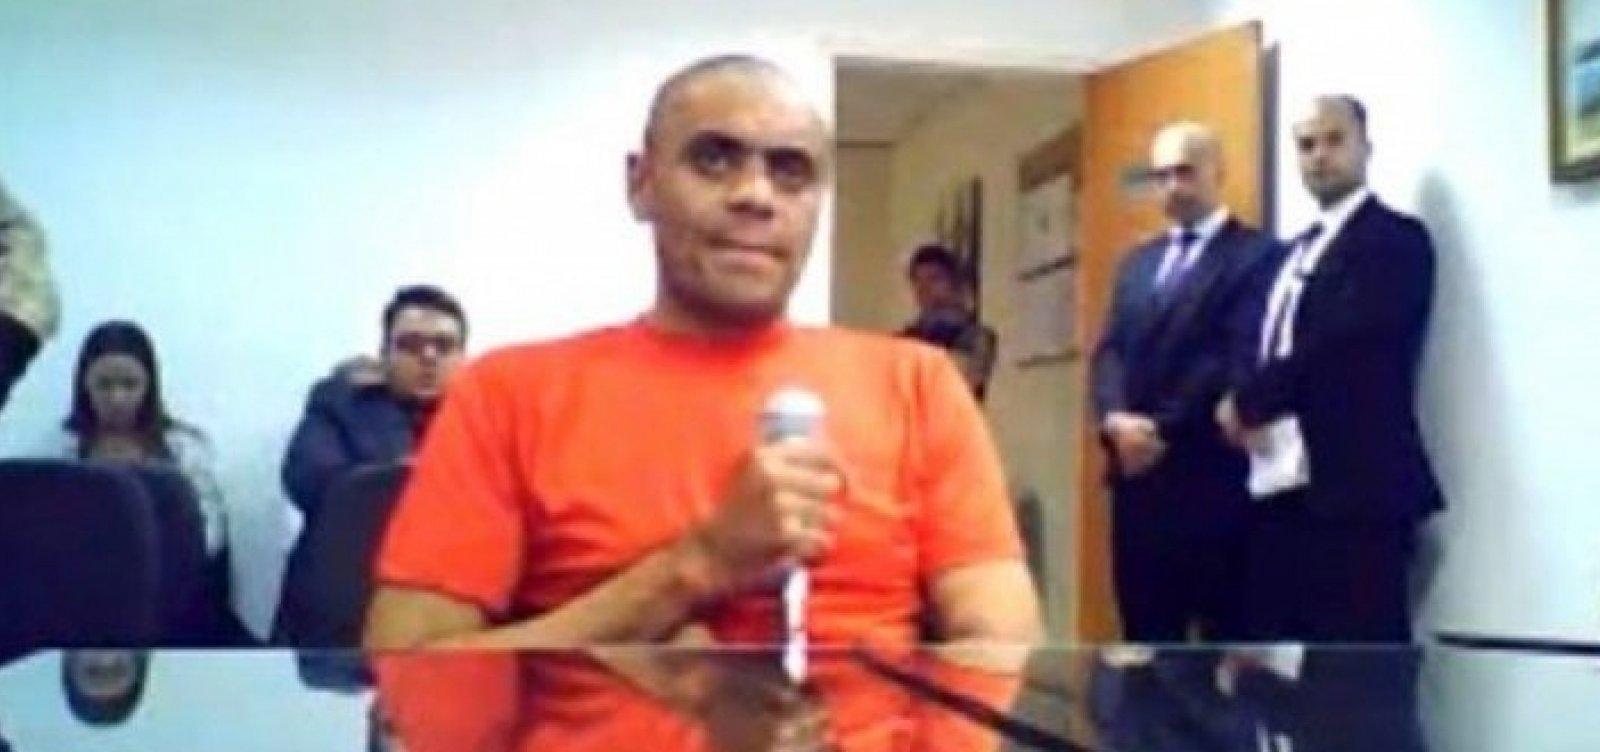 [Justiça conclui que autor da facada em Bolsonaro tem doença mental]